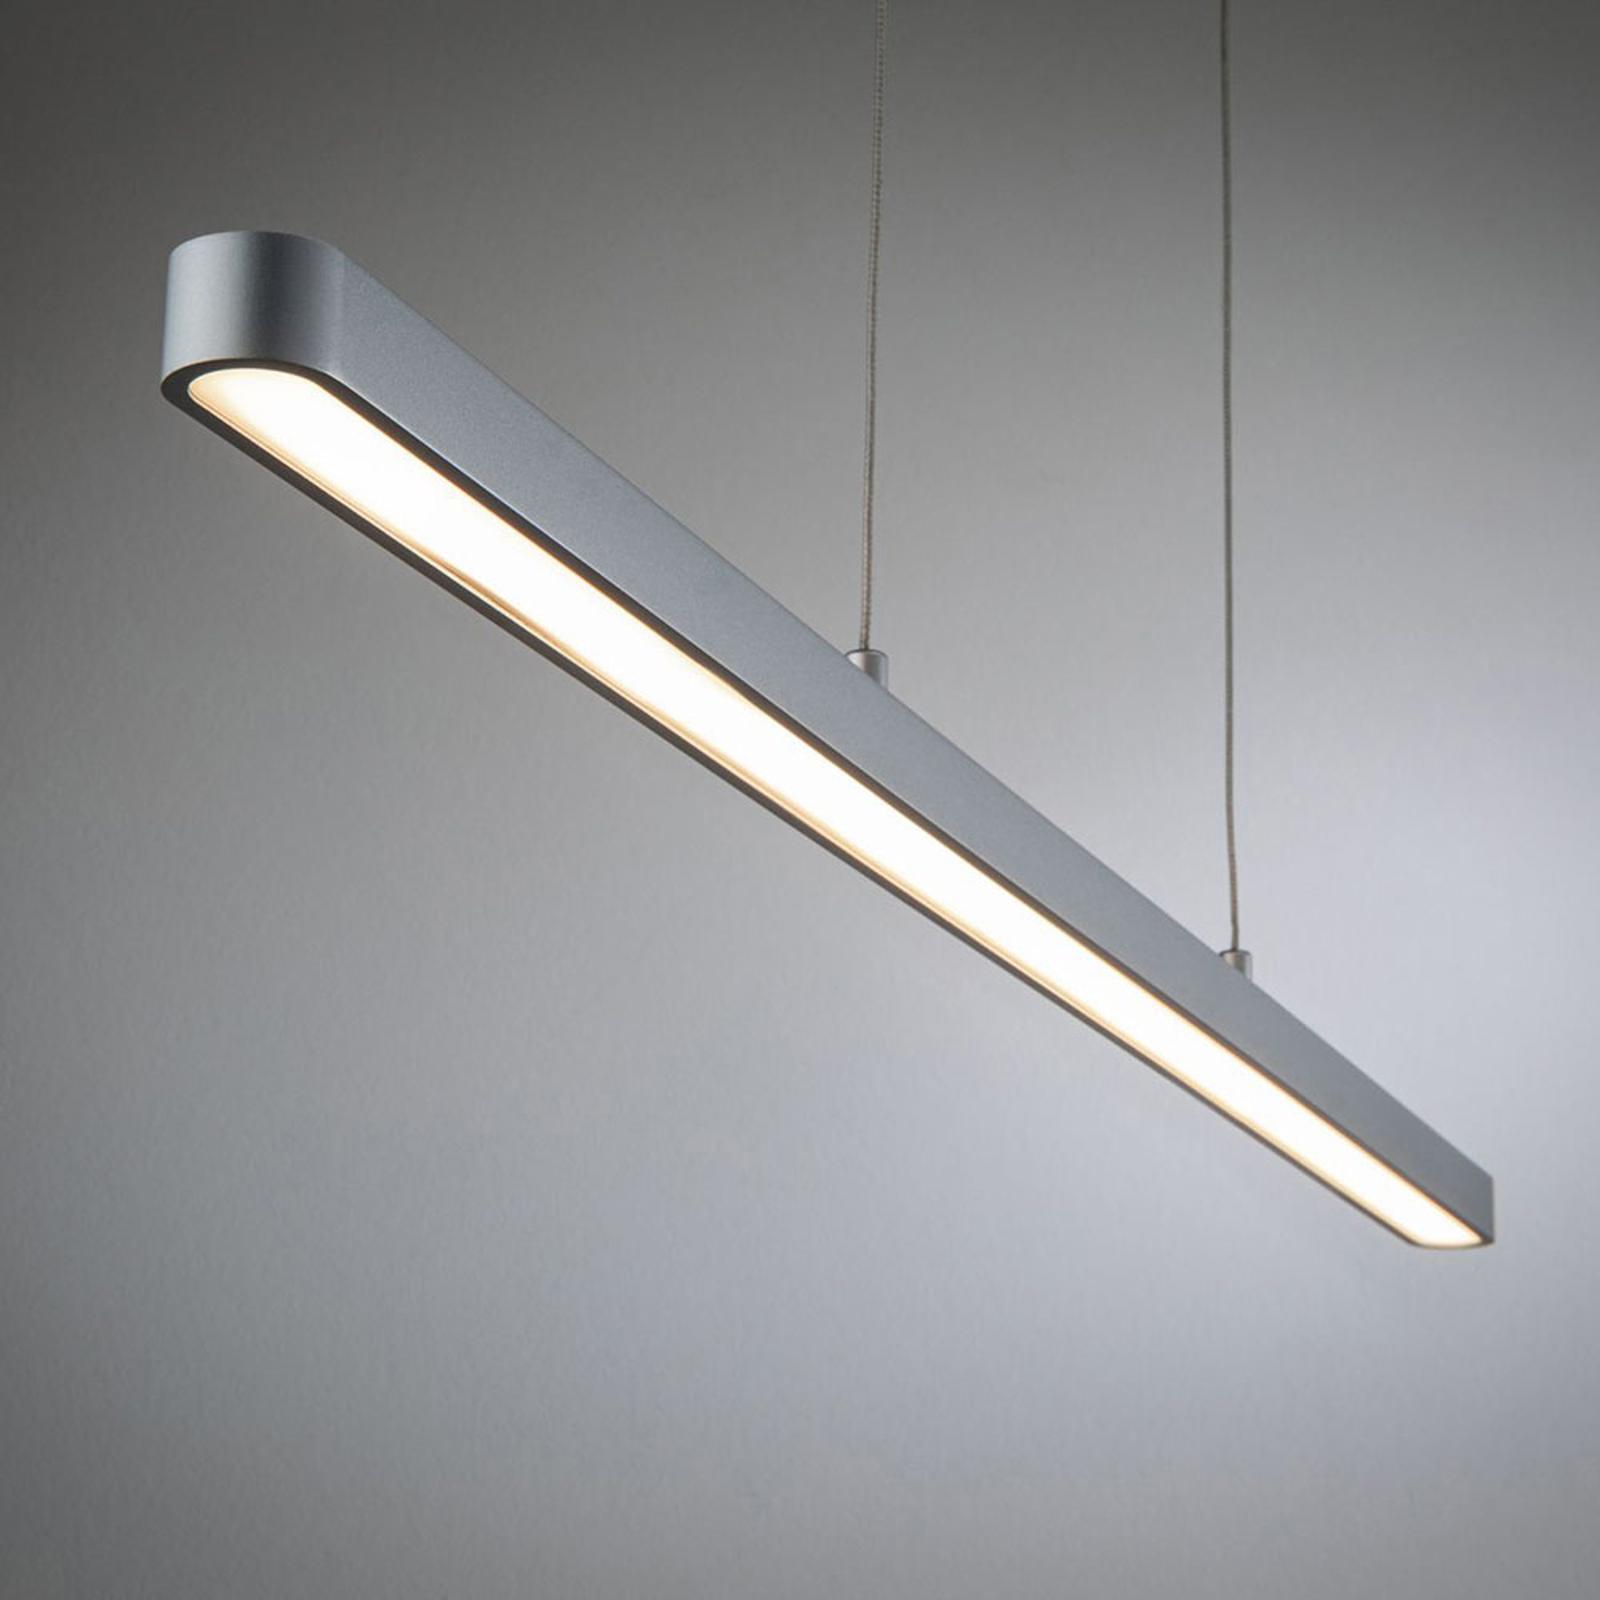 Paulmann URail Lento LED pendant, matt chrome_7601900_1